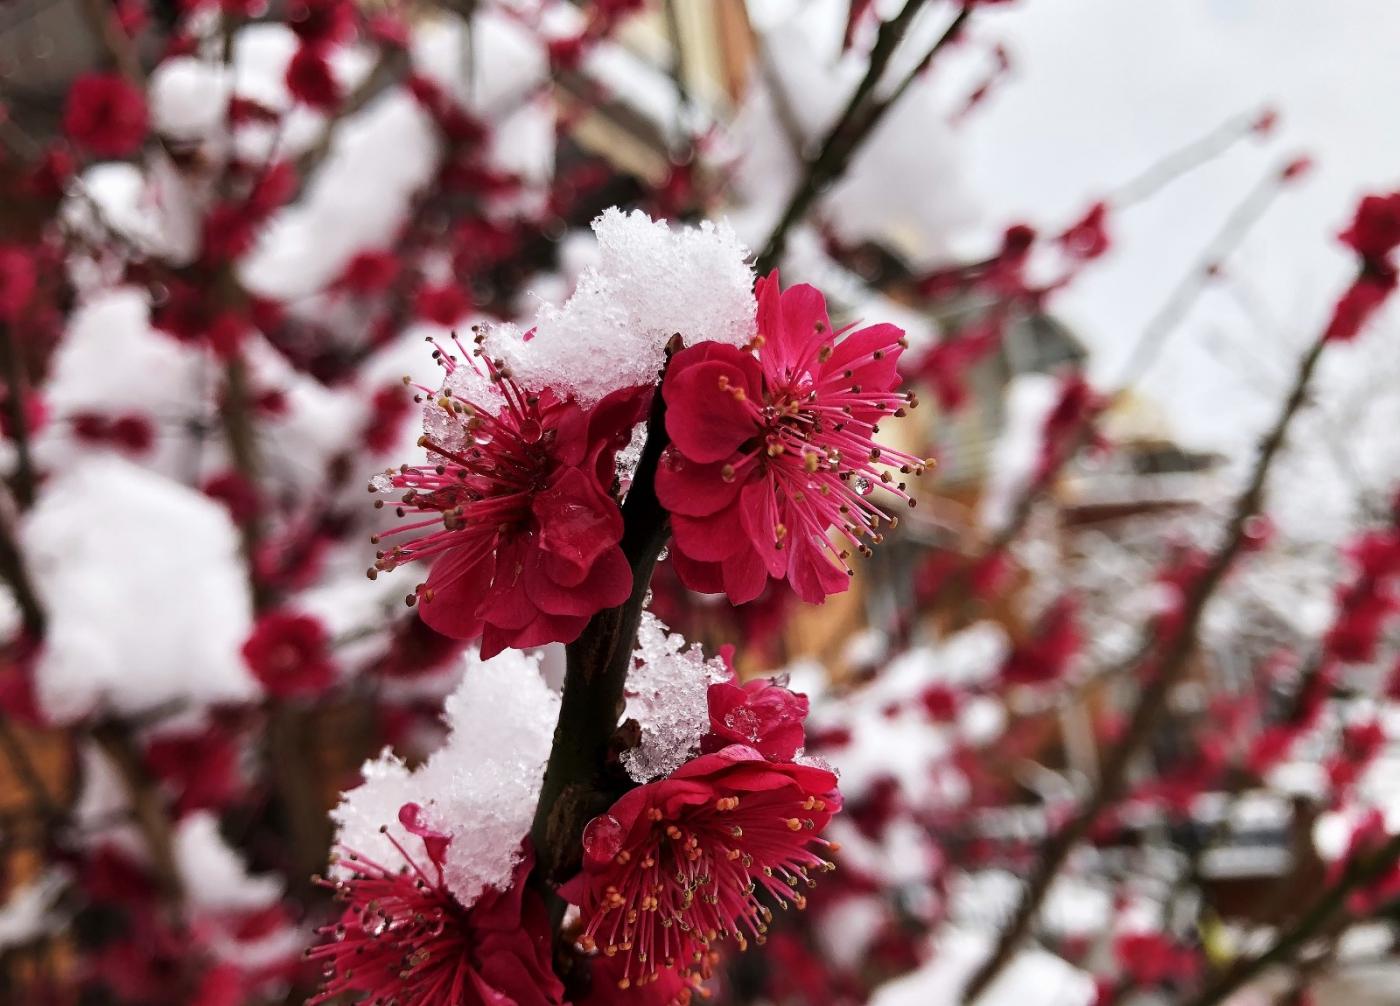 【田螺手机摄影】今早下雪去拍梅花_图1-12